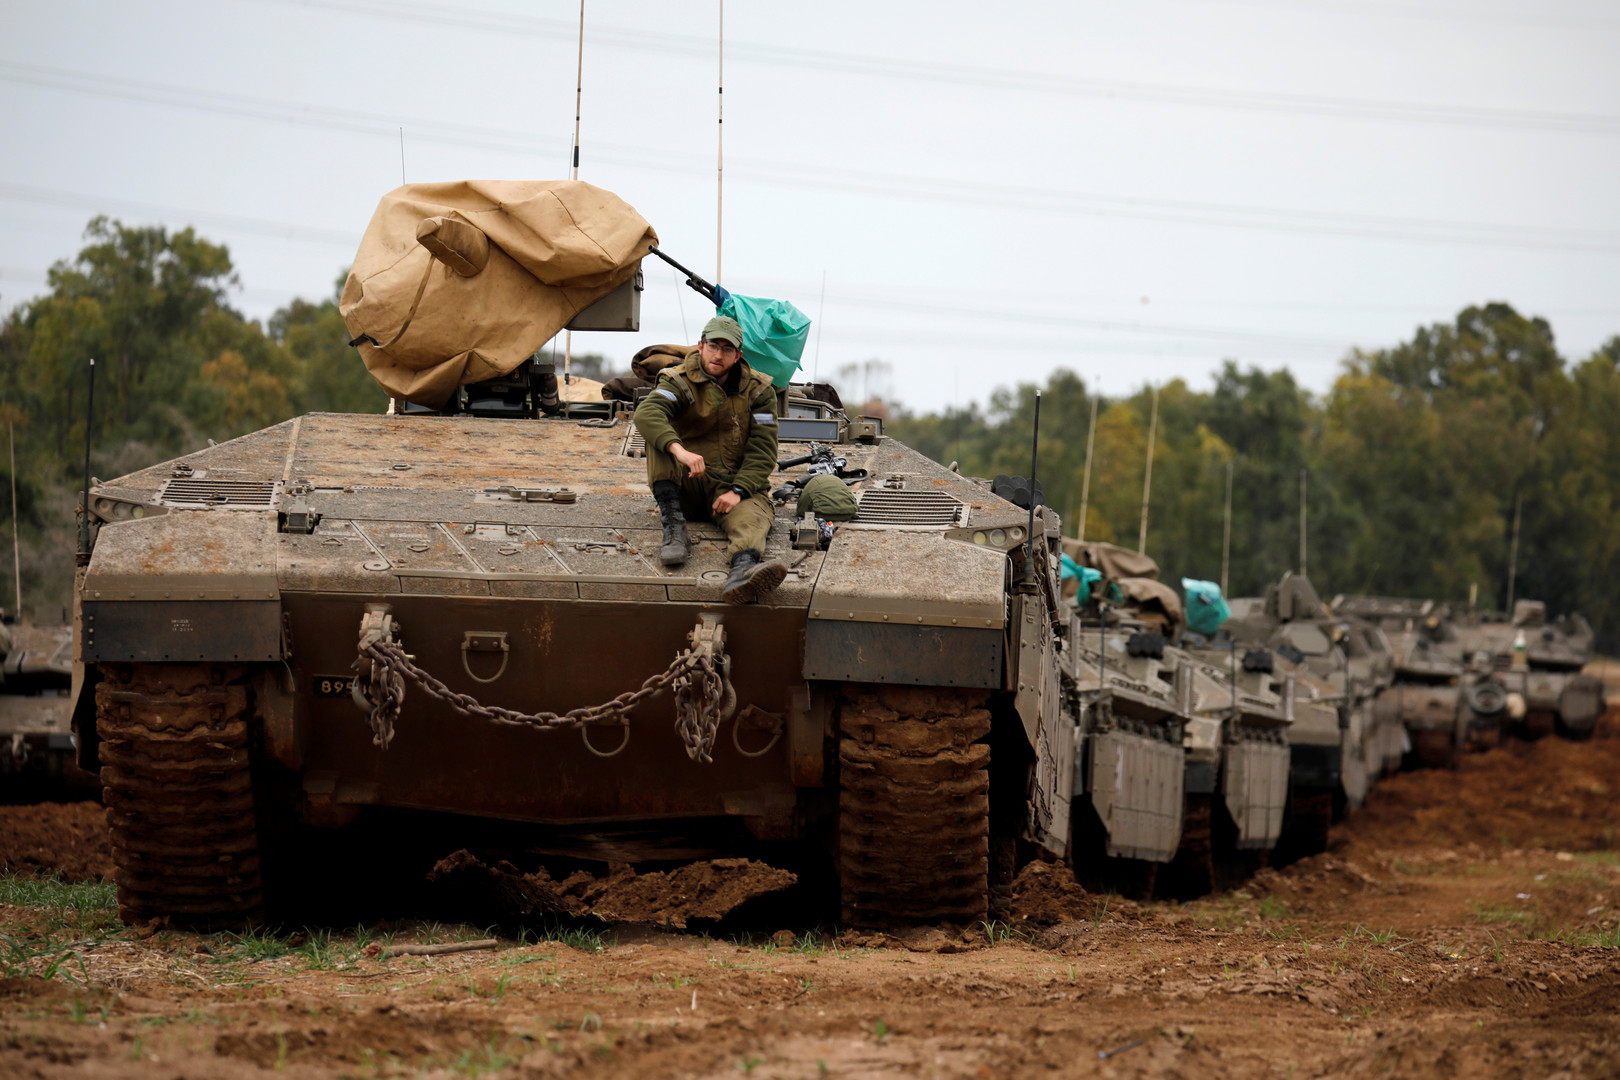 إسرائيل: نستعد لعملية عسكرية واسعة محتملة في غزة